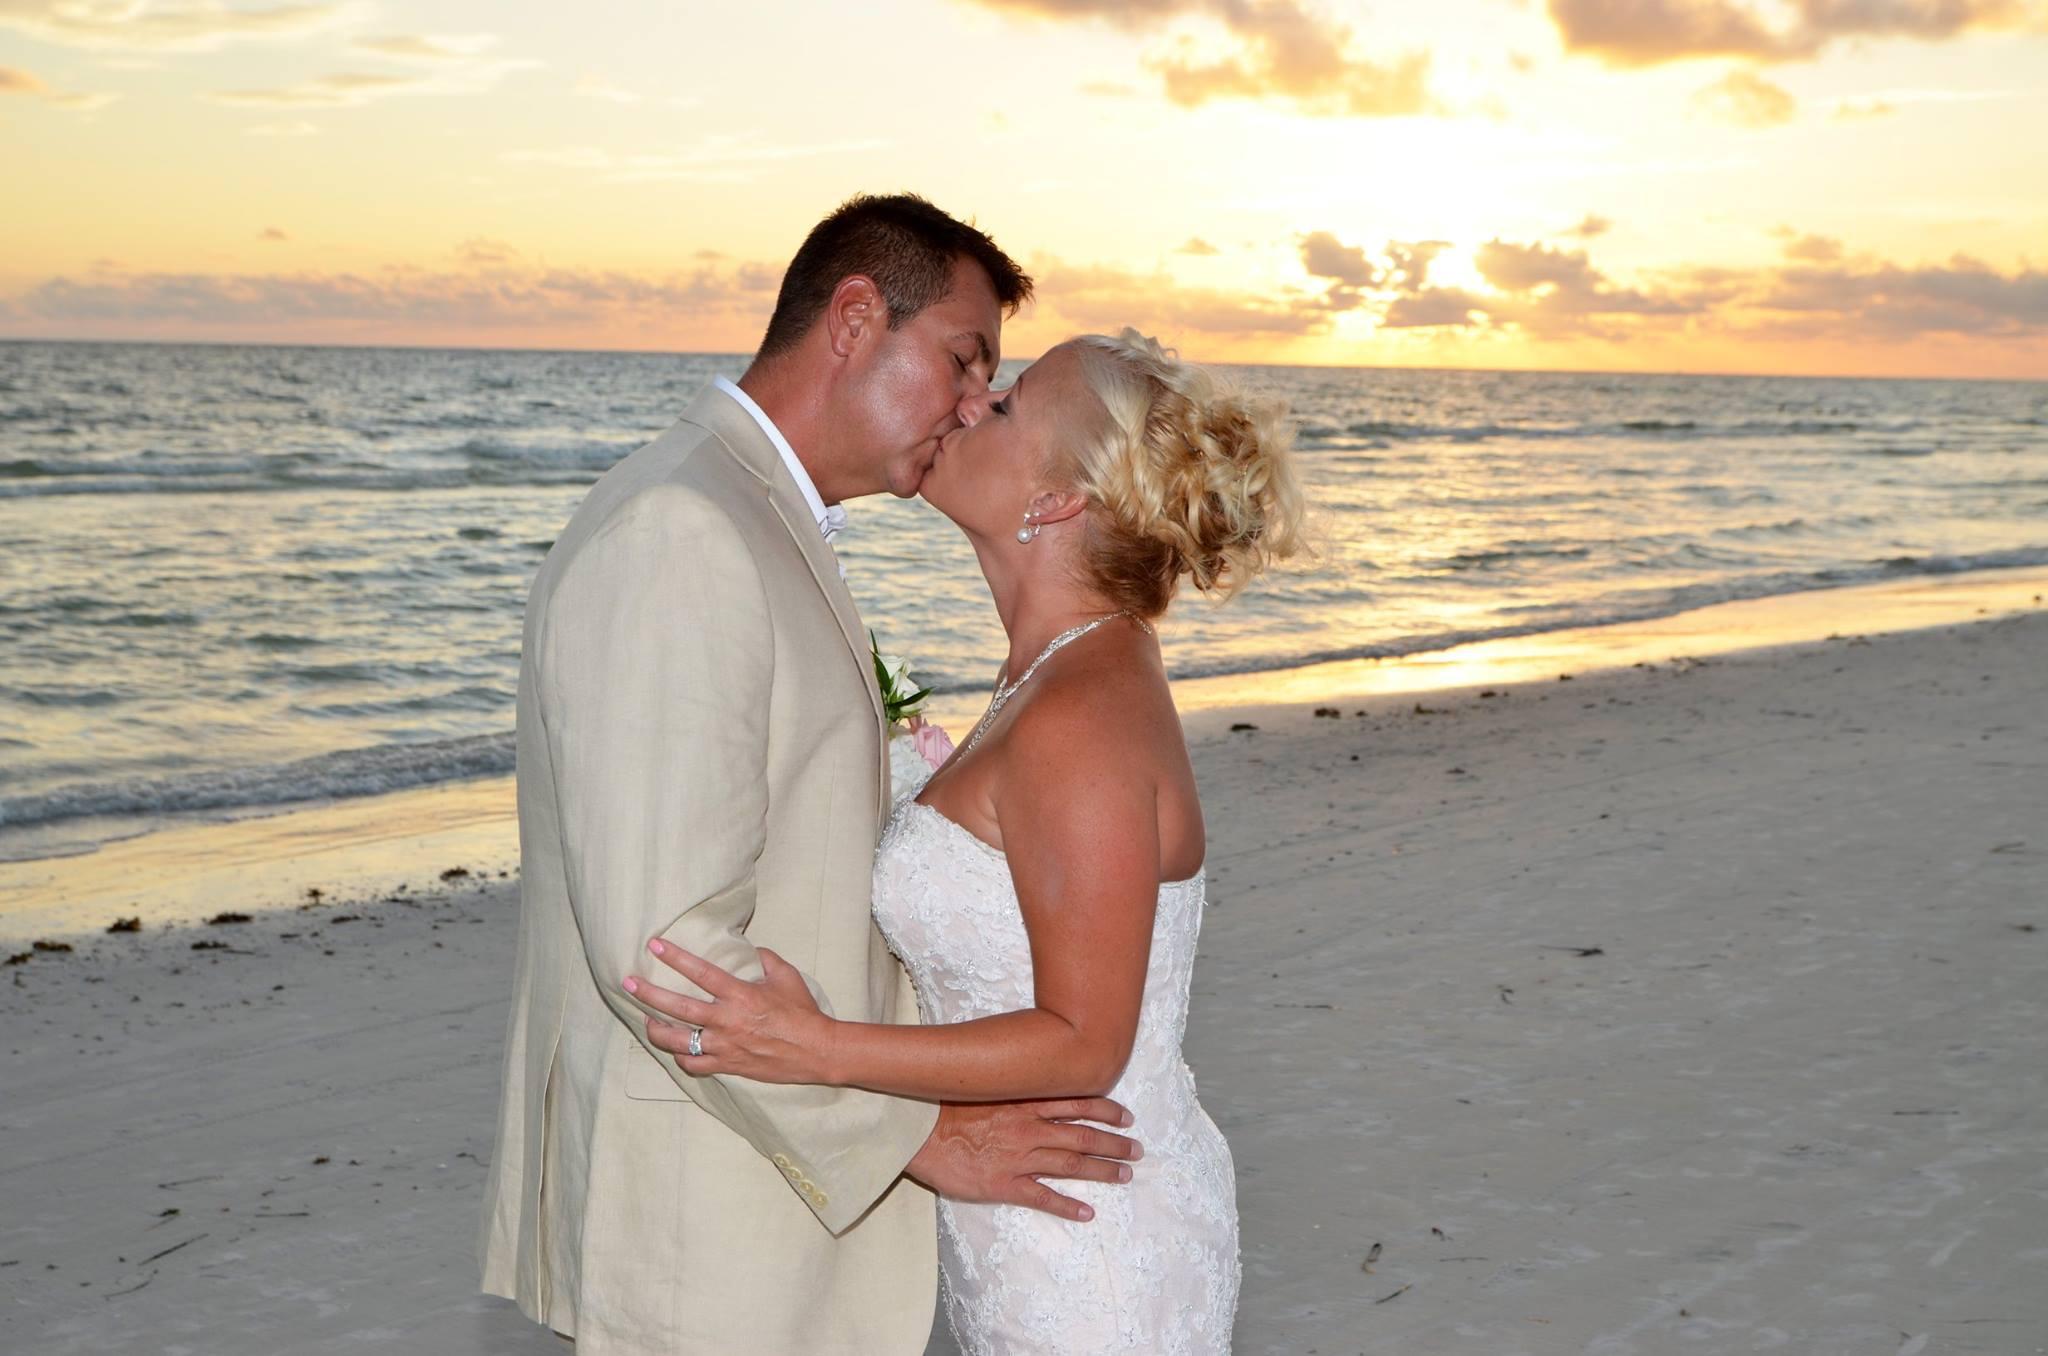 Lido Beach Florida Beach Wedding: Florida Beach Wedding